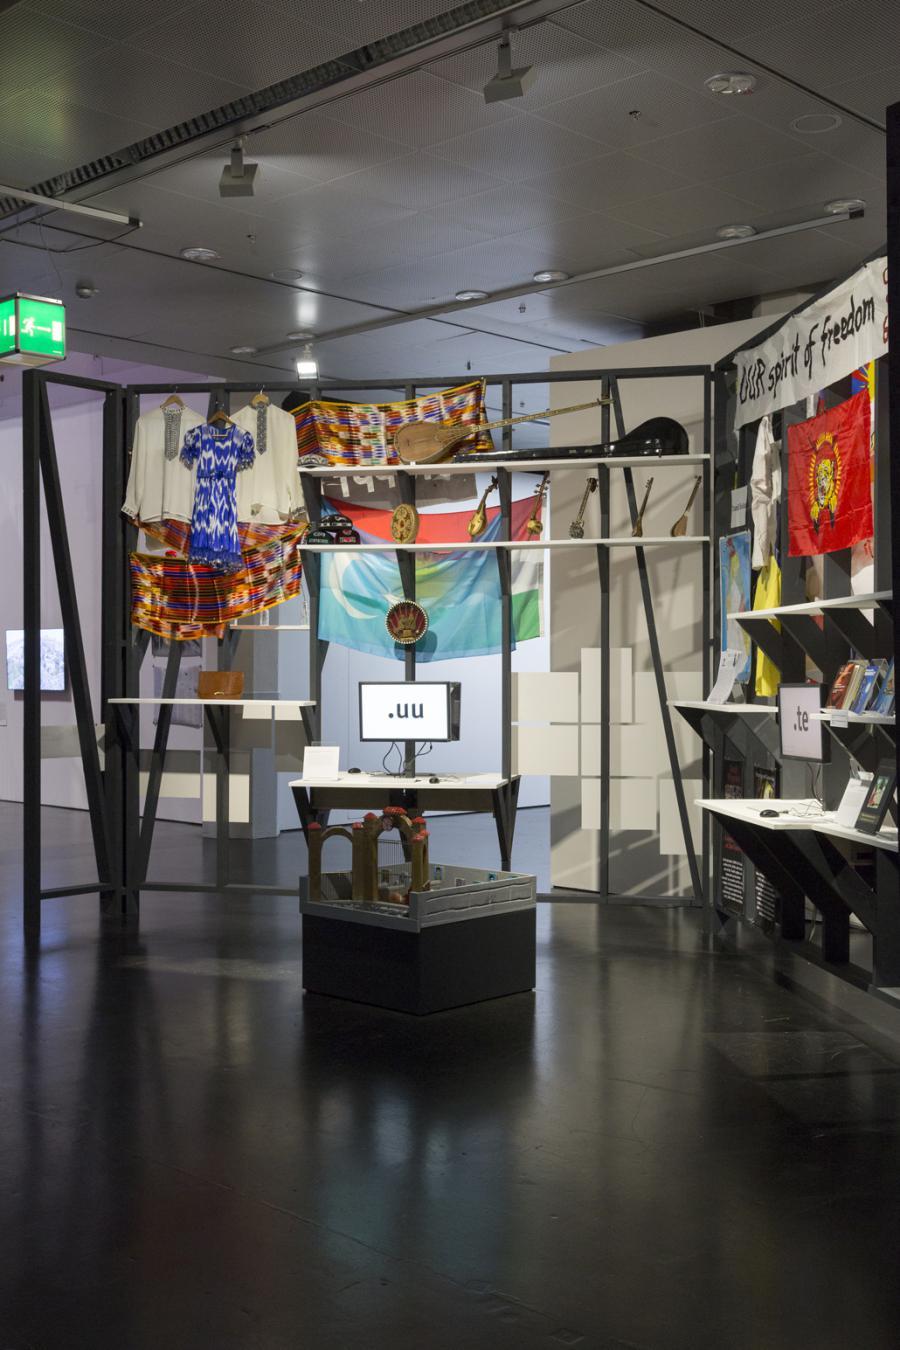 Klamotten, Instrumente und Bücher hängen und stehen an einer Wand